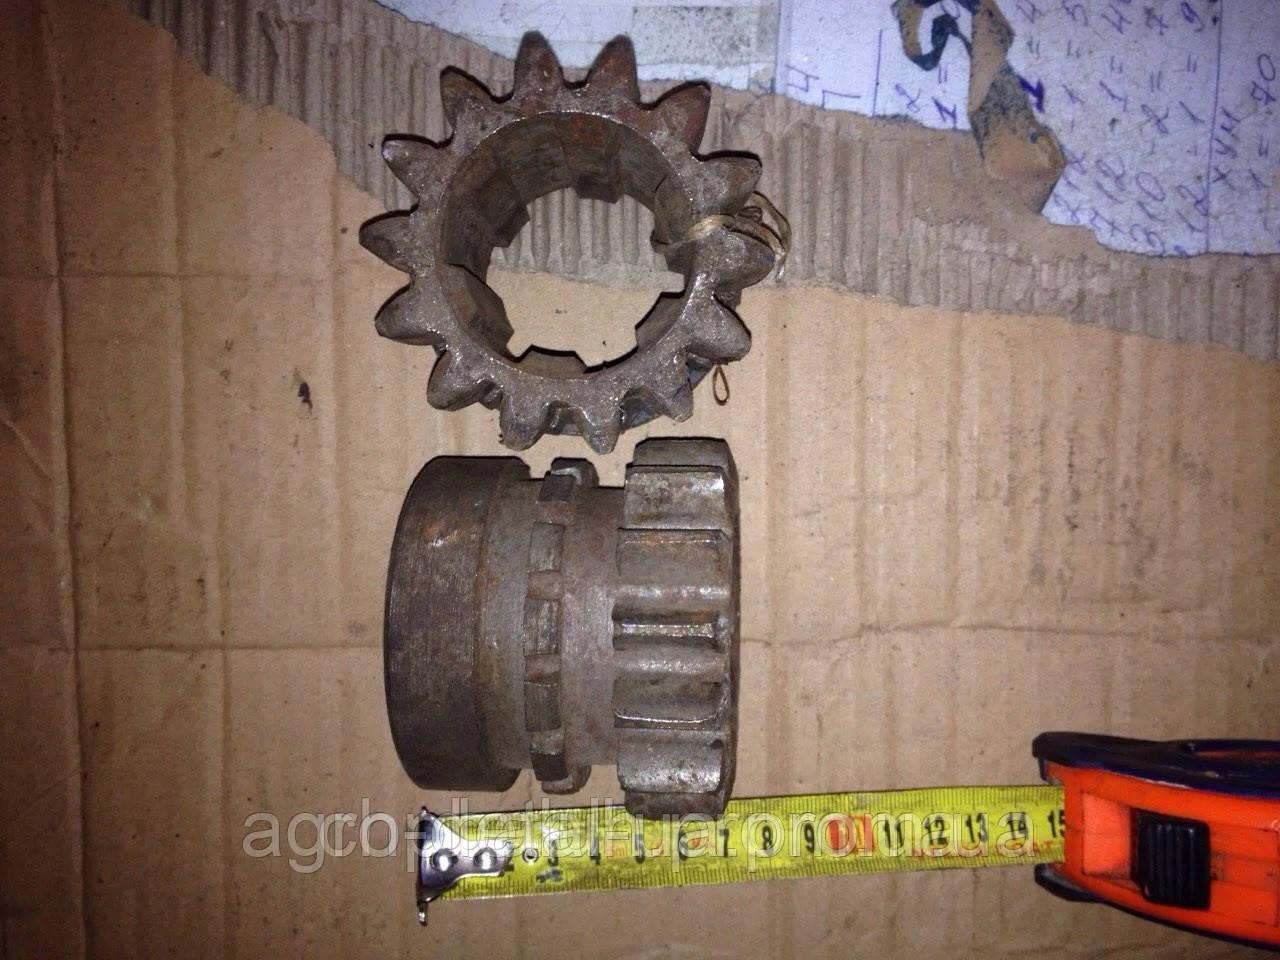 Шестерня подвижная 75.37.146 коробки трактора Т 74